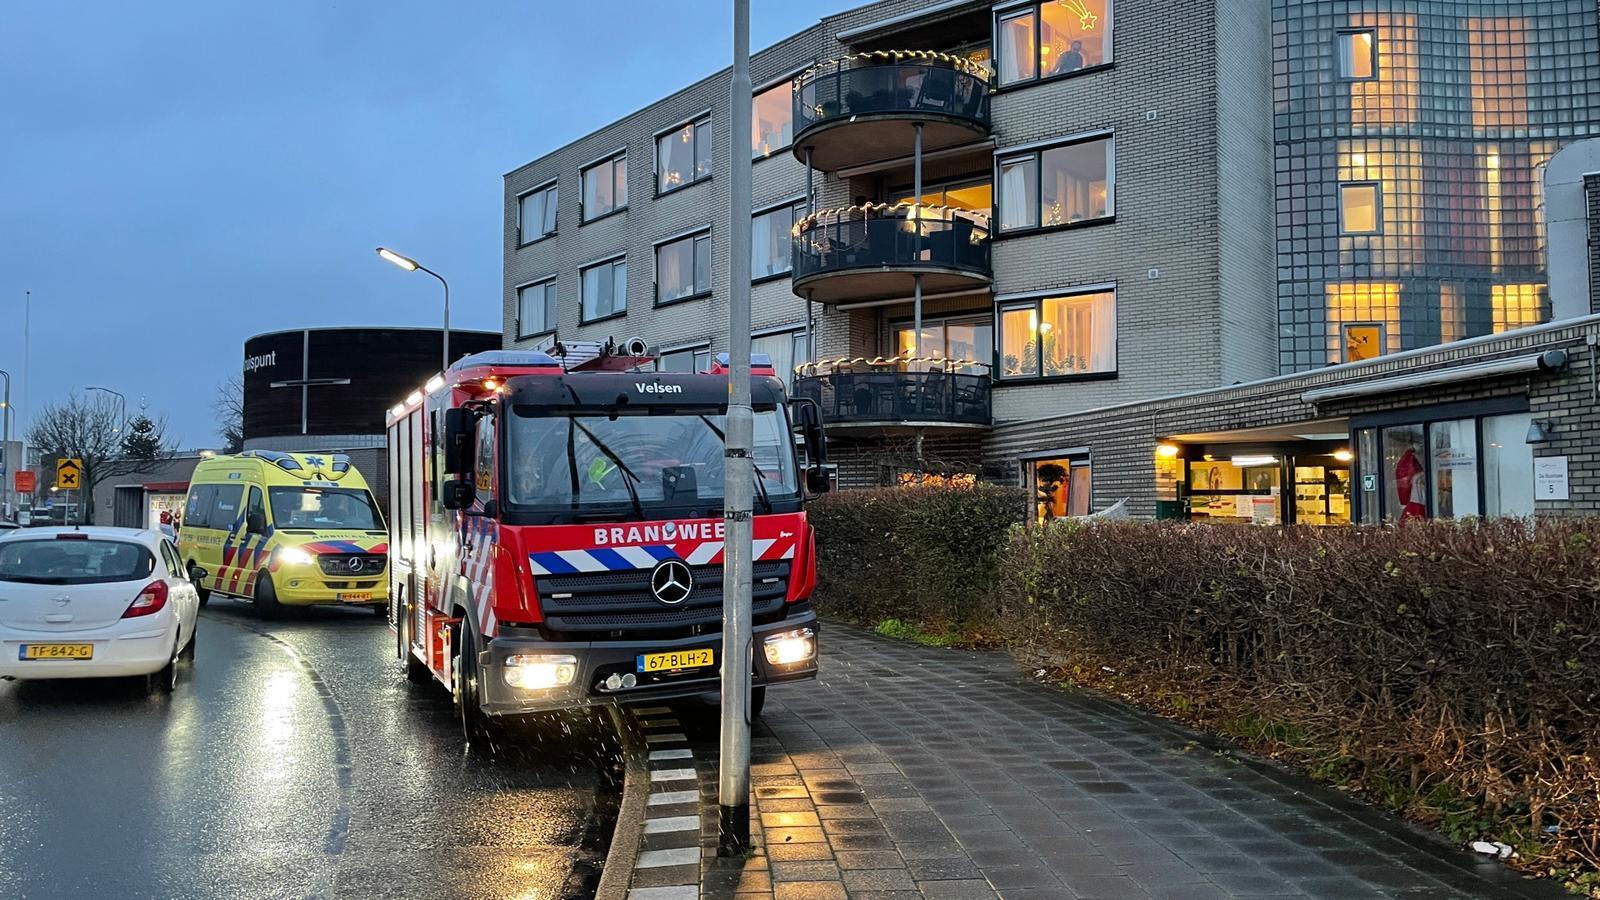 Oudere vrouw gewond bij brand in woonzorgcomplex Velserbroek